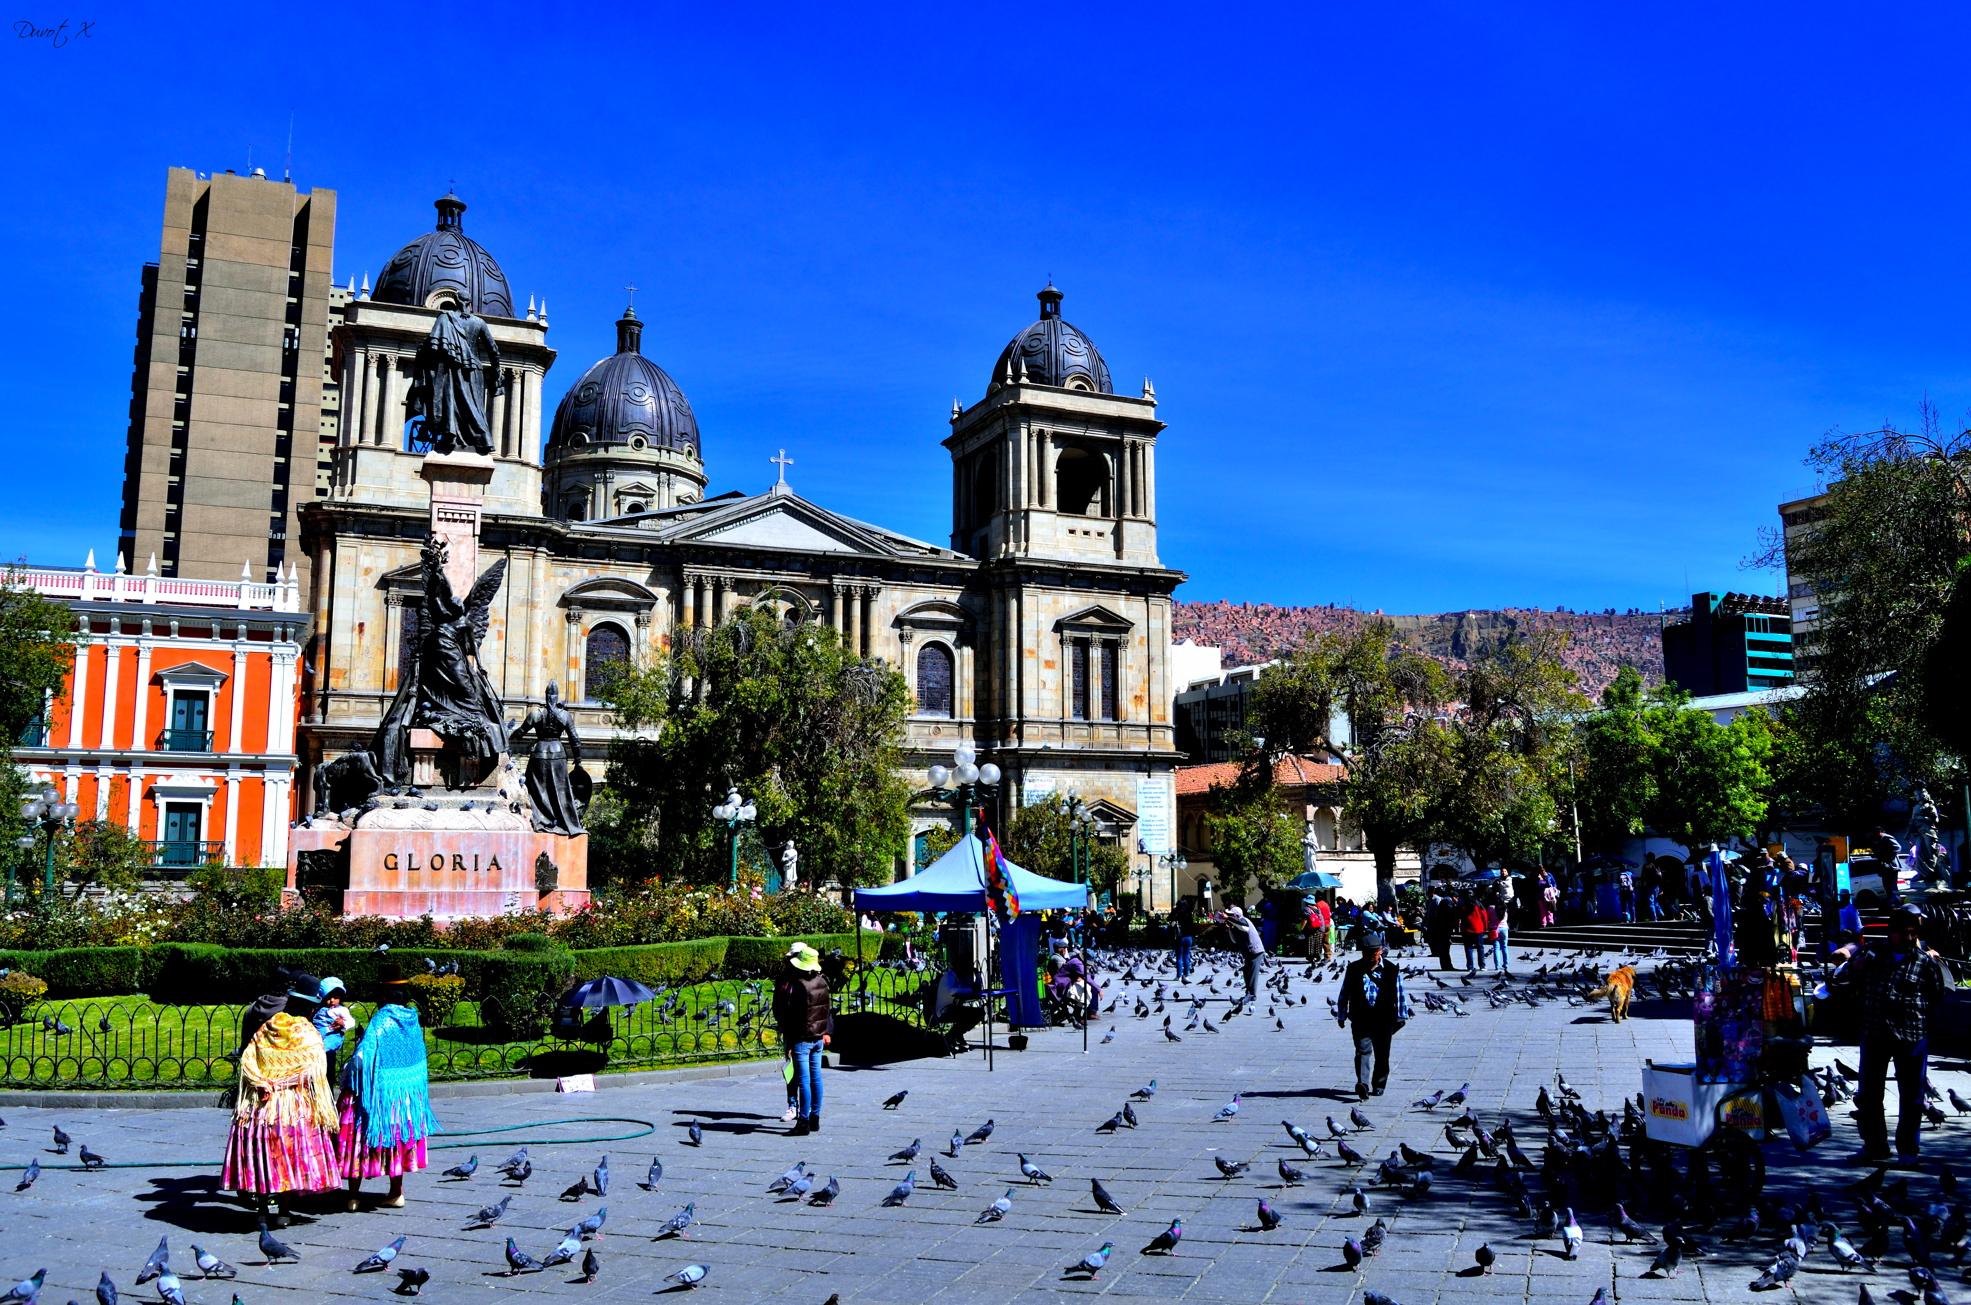 La Paz, Bolivie, ville du monde